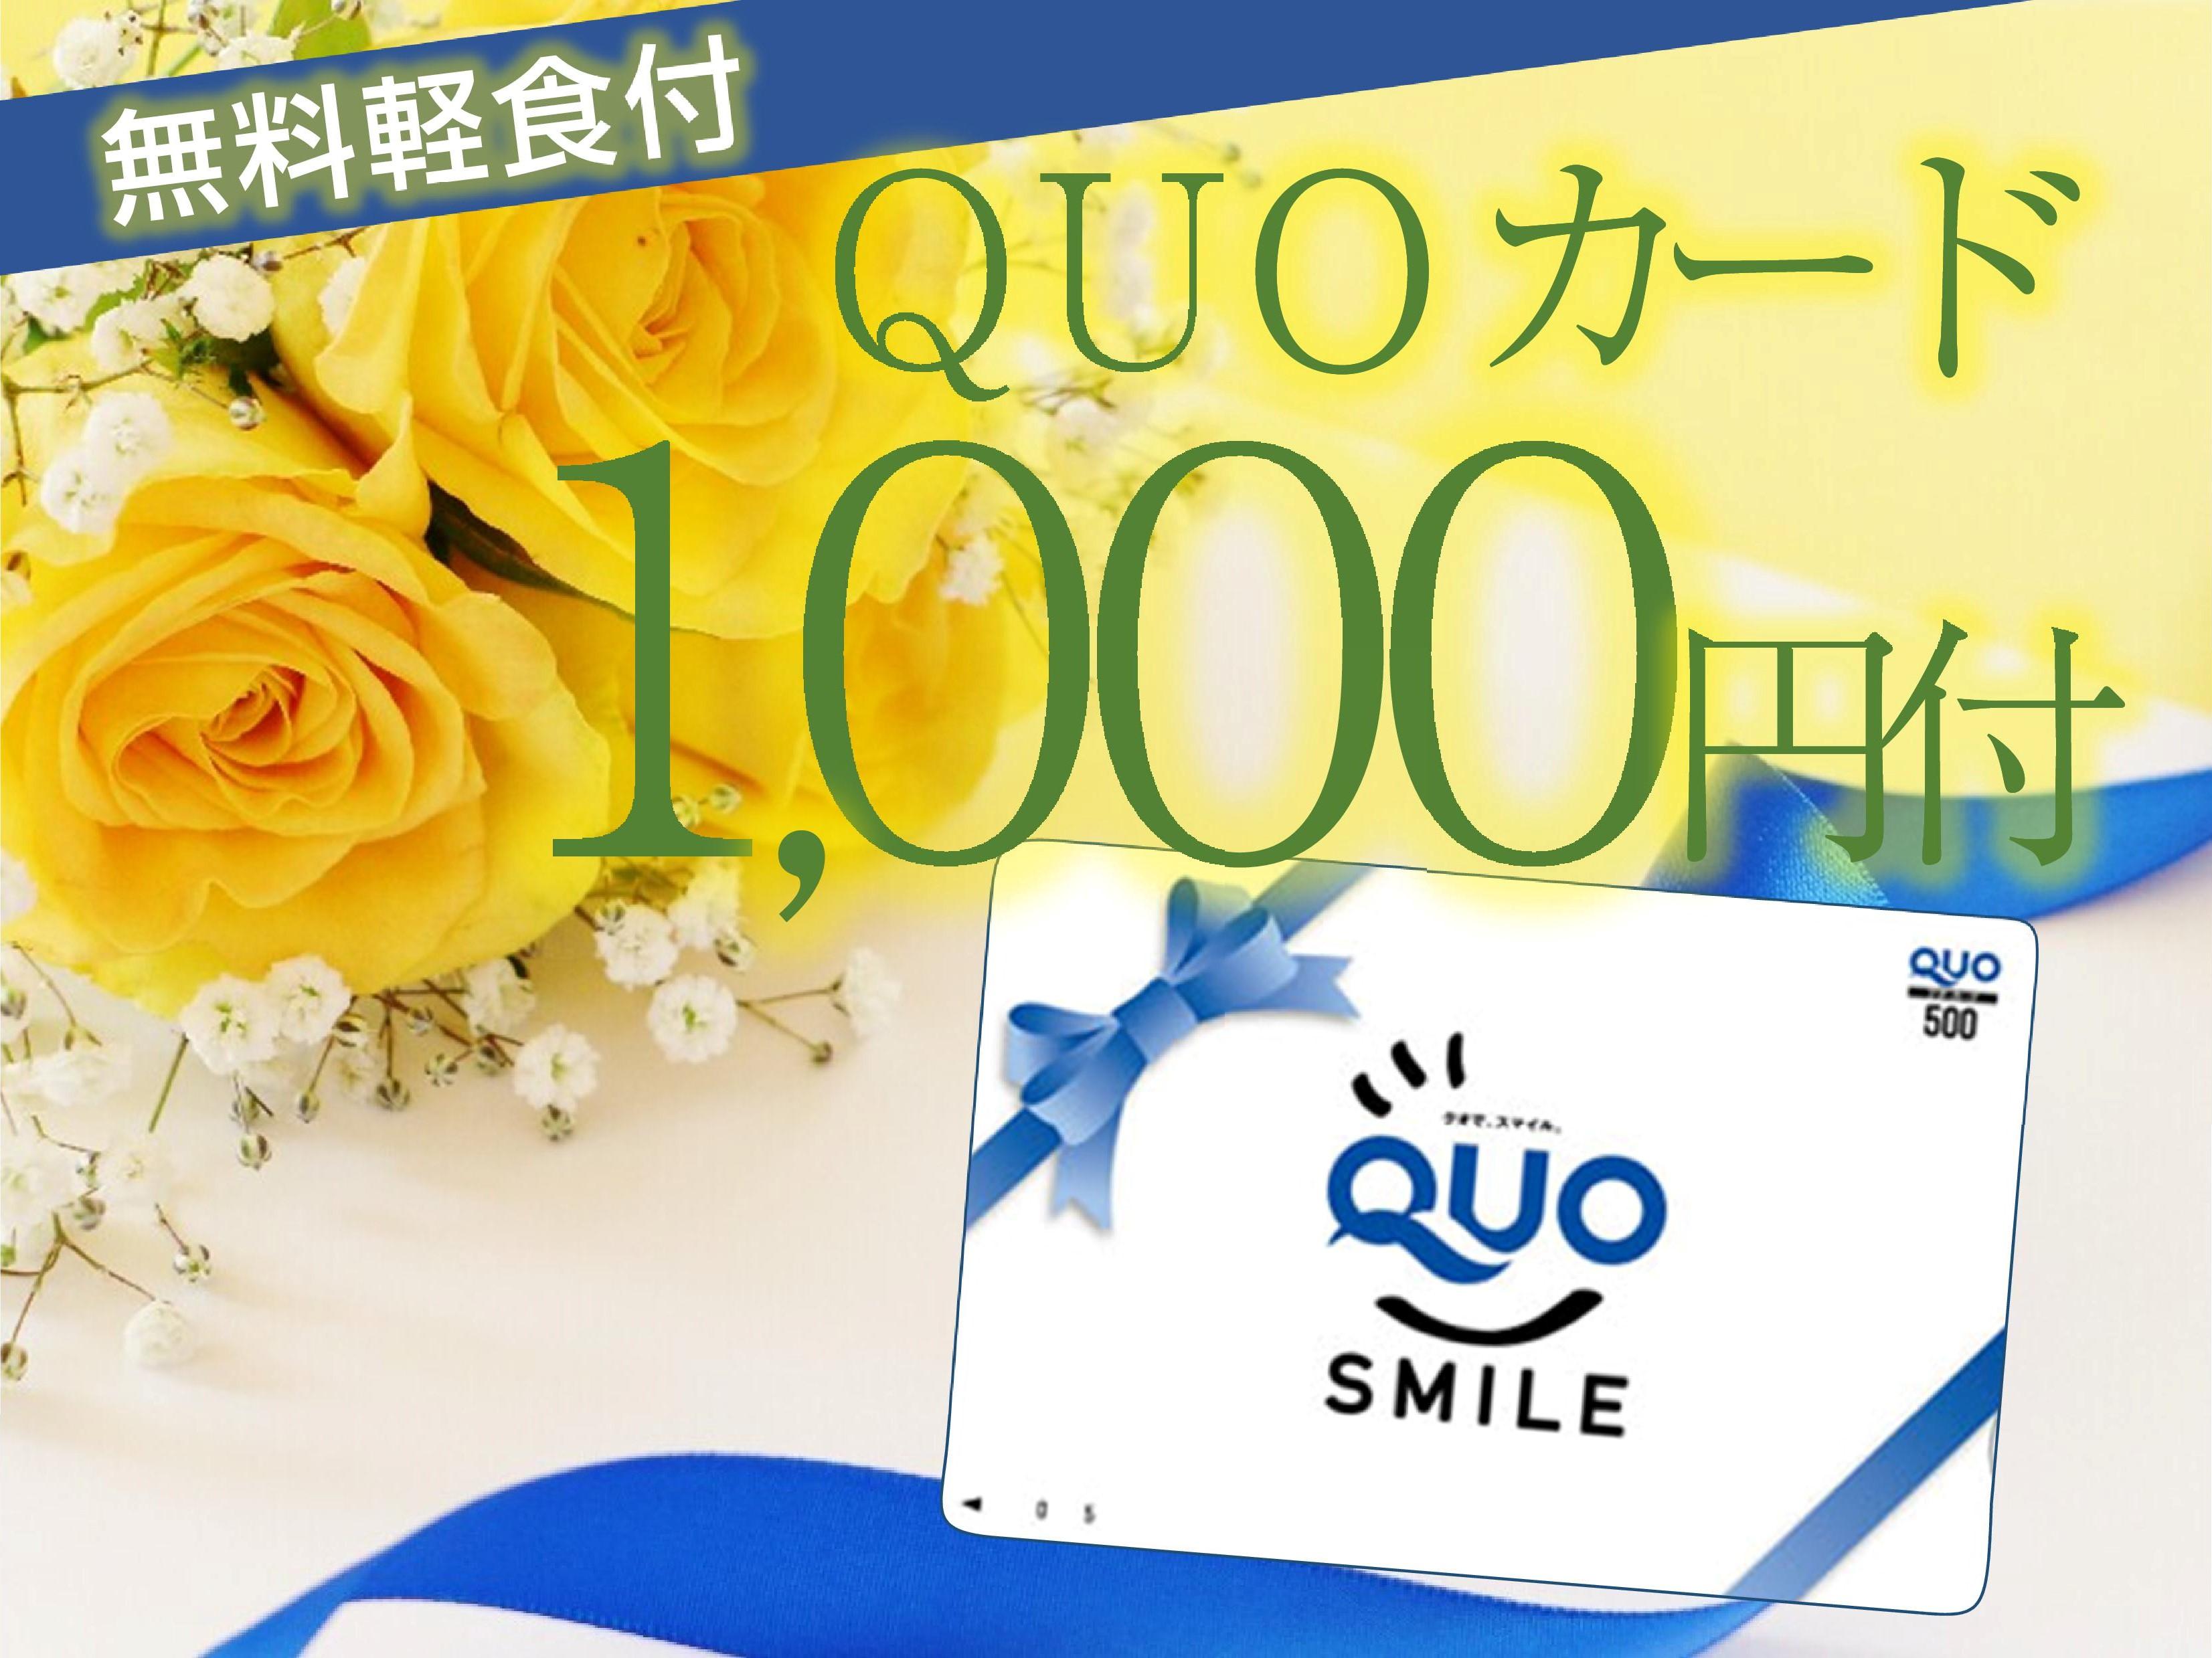 ホテルウィングインターナショナル新橋御成門 / QUOカード1,000円付プラン【ビジネスでのご利用におすすめ】